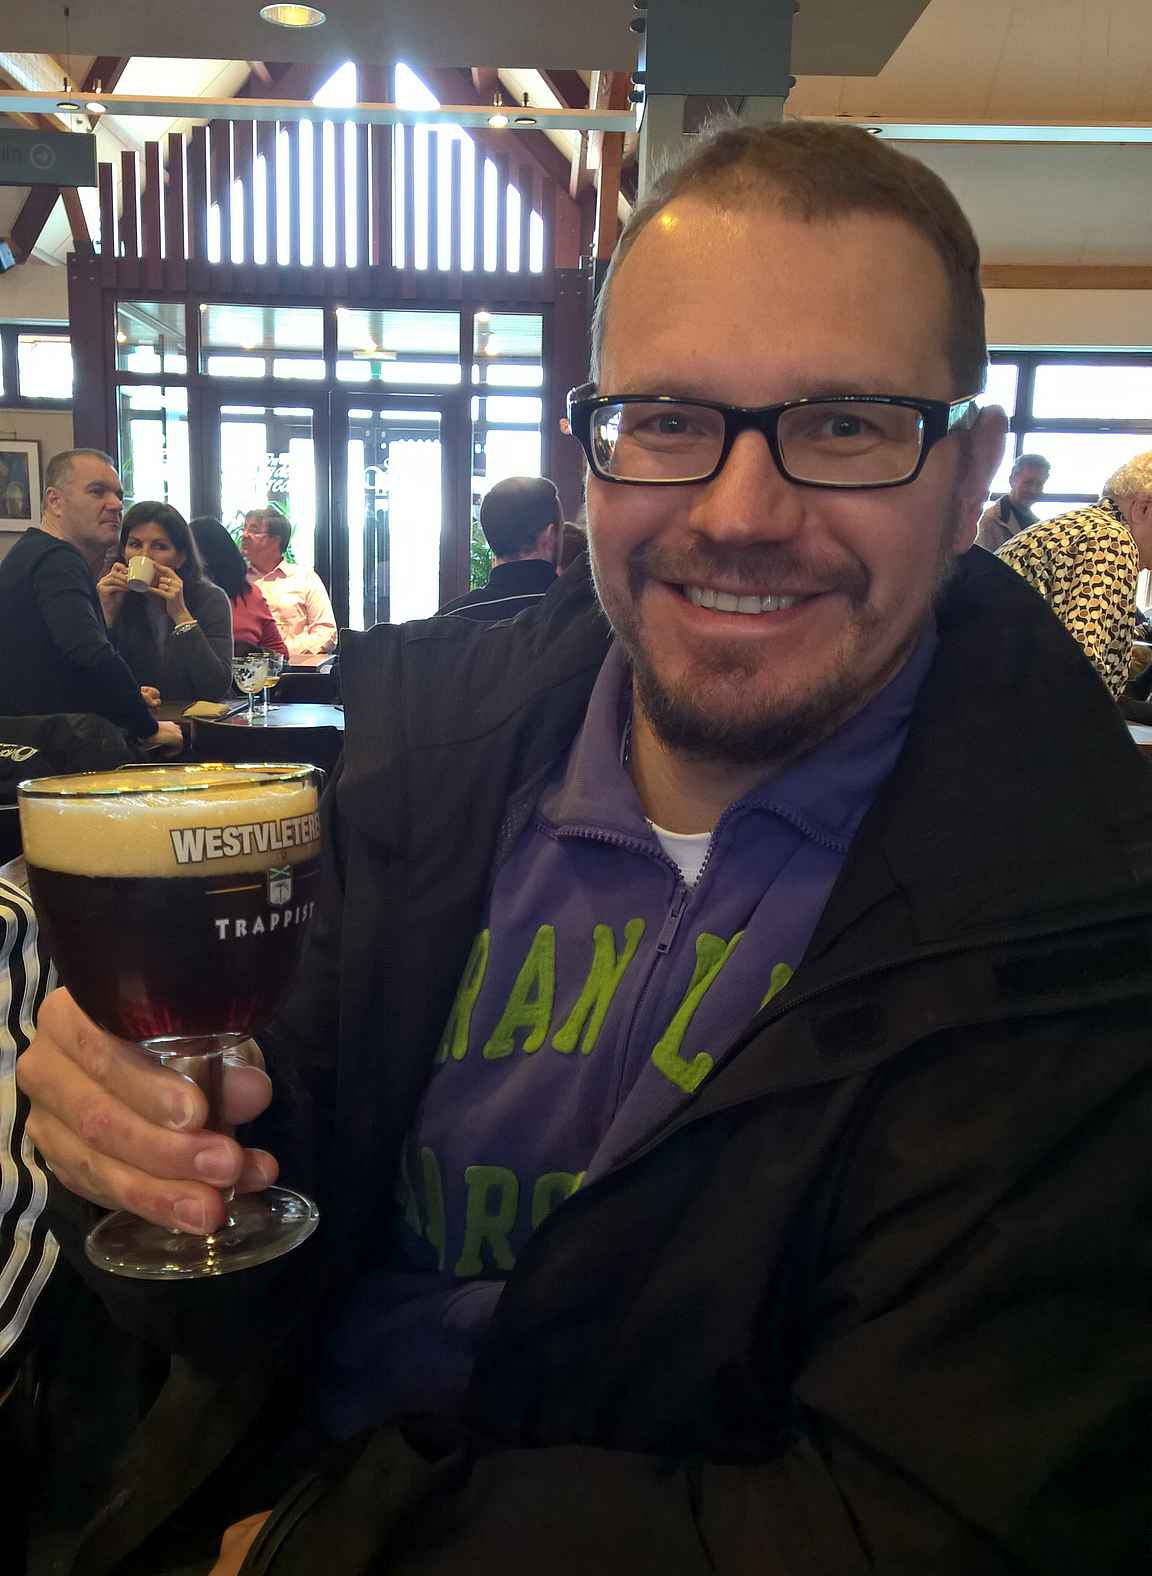 Westvleteren XII - maailman paras olut on parasta pääkallopaikalla.